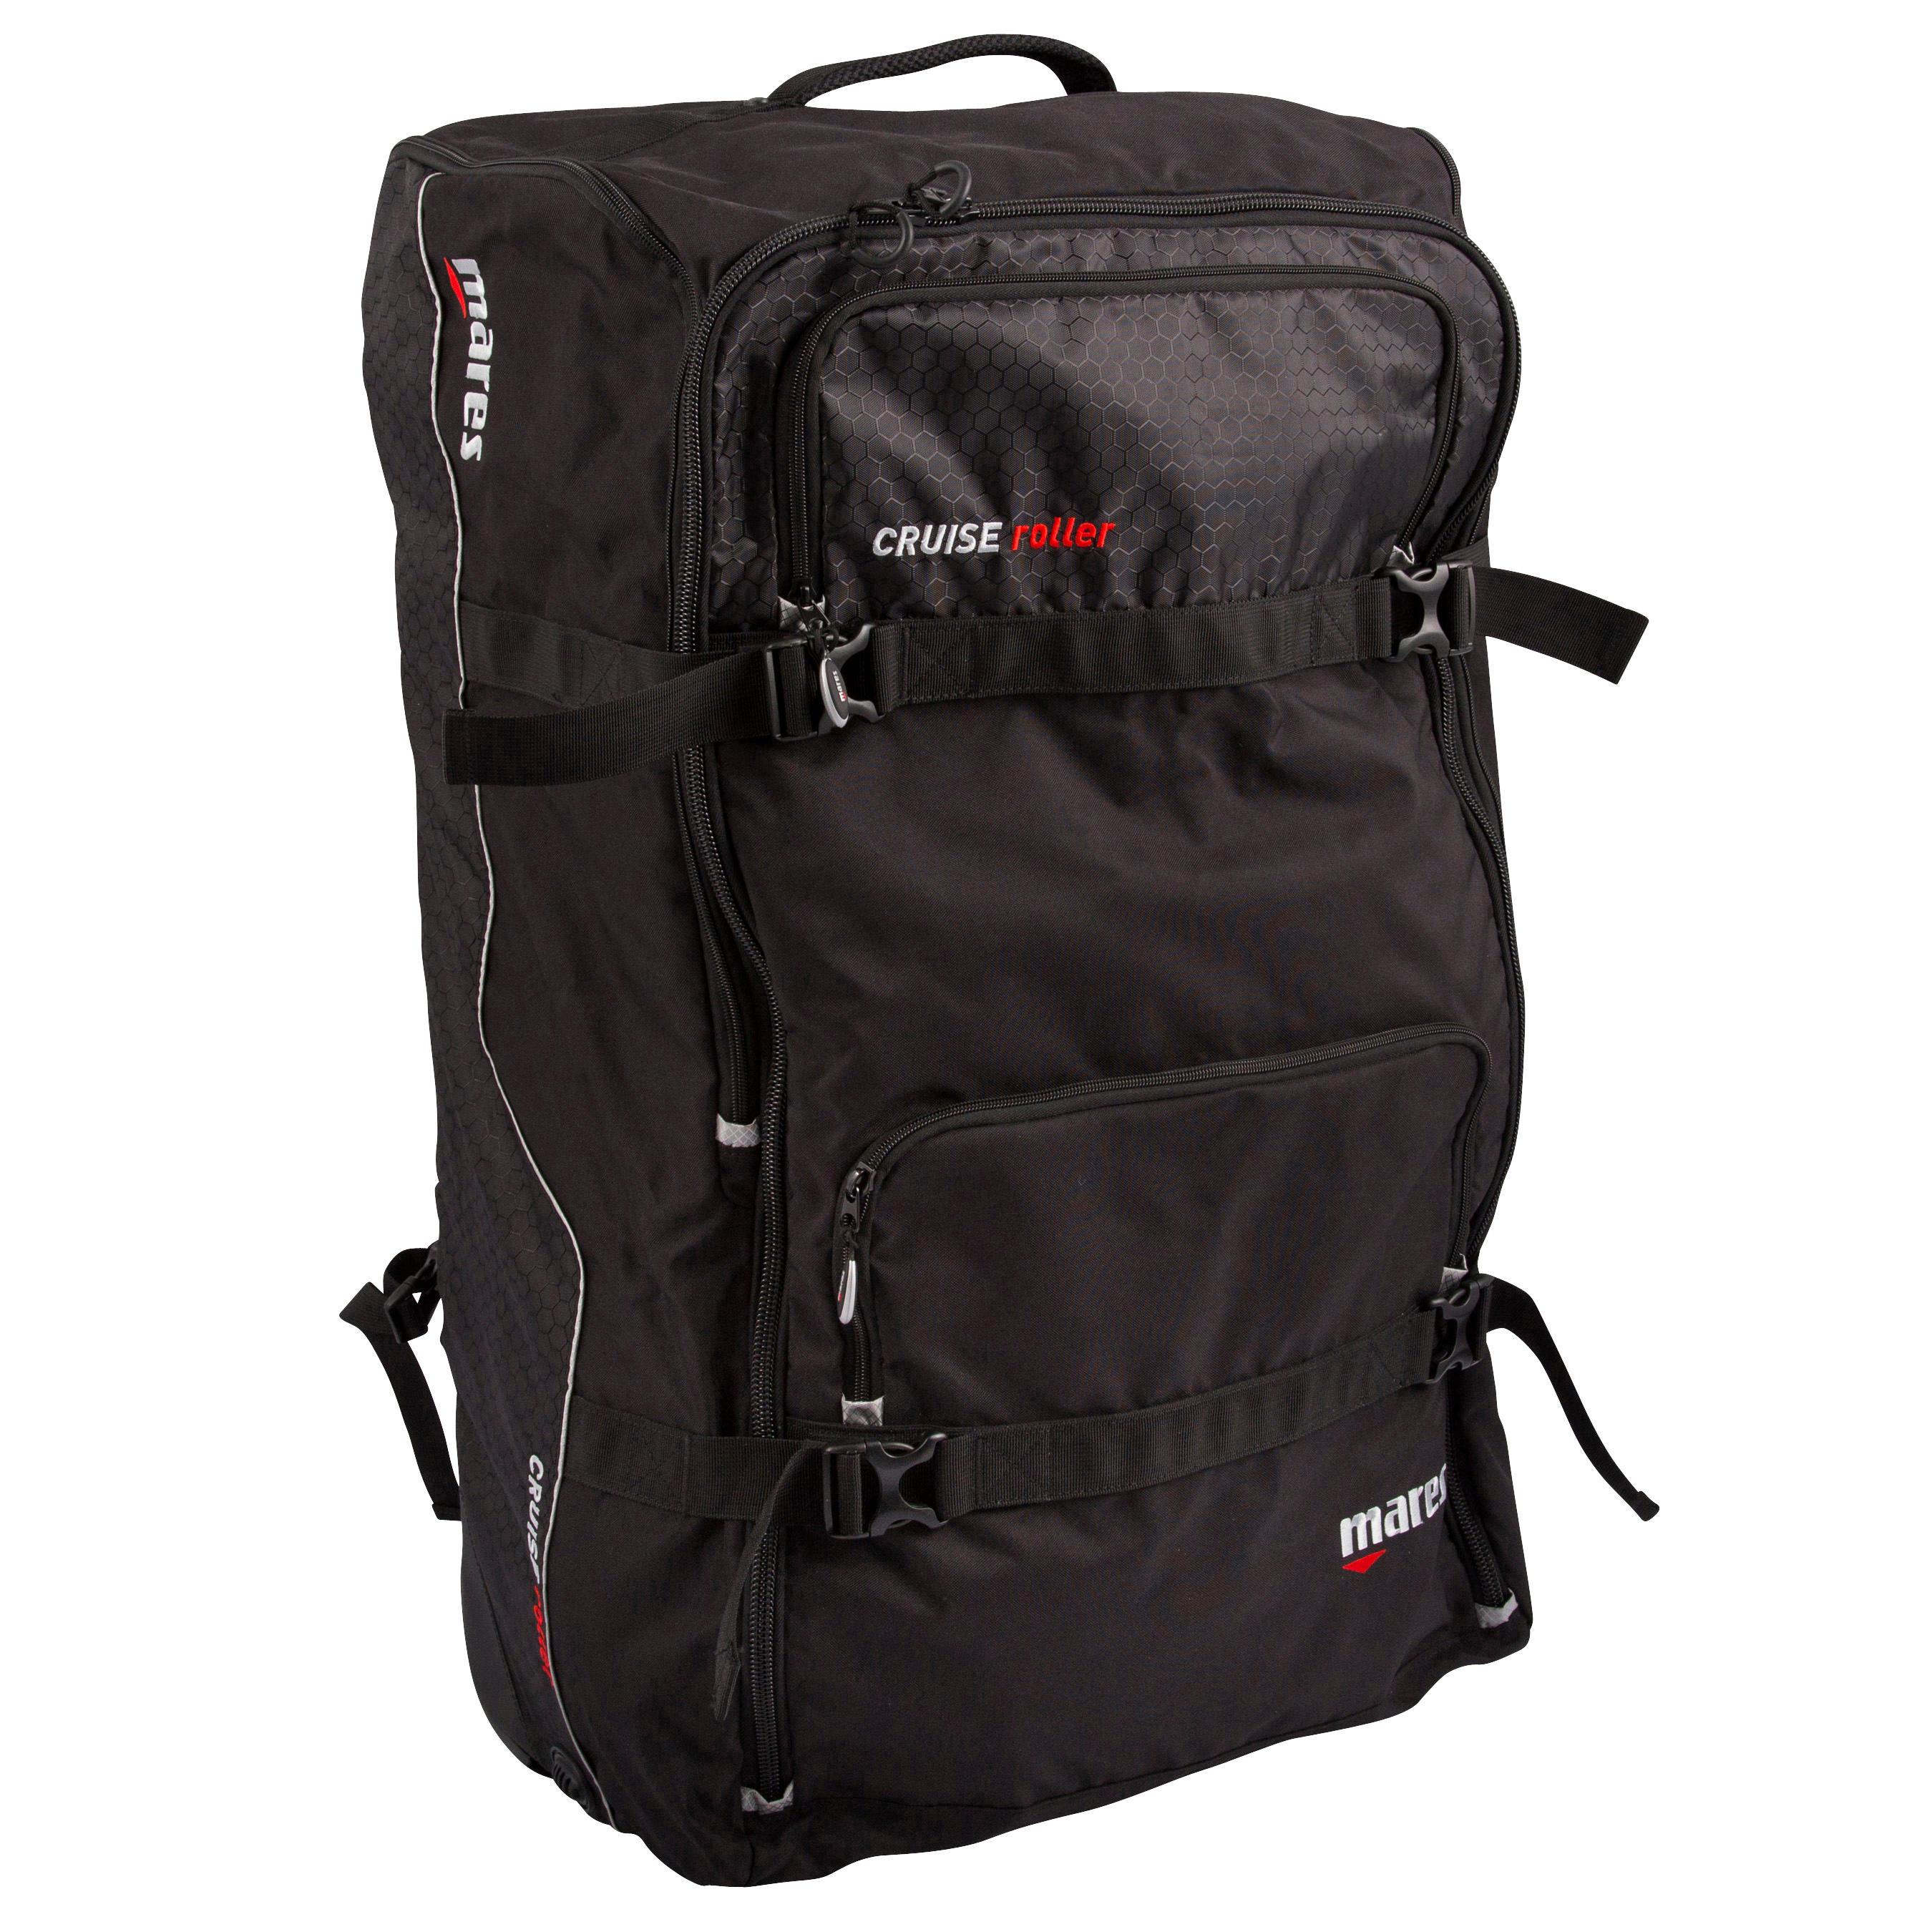 9449fc33e9 Valises et sacs de voyage | Decathlon